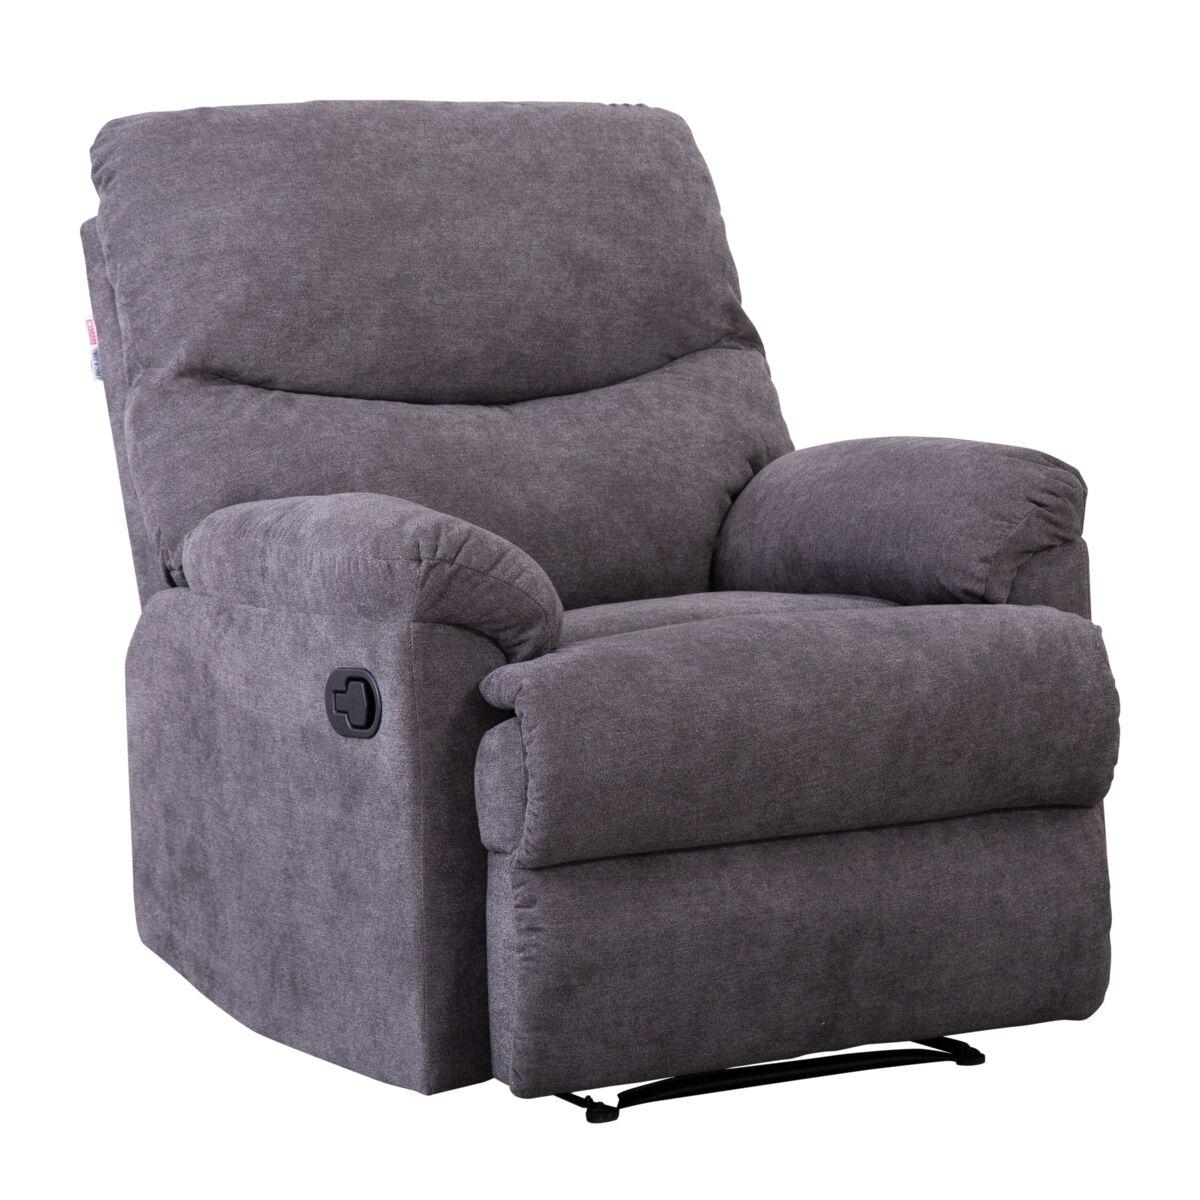 كرسي استرخاء 84 99 99سم رمادي Micasa العلامات التجارية Saco Store